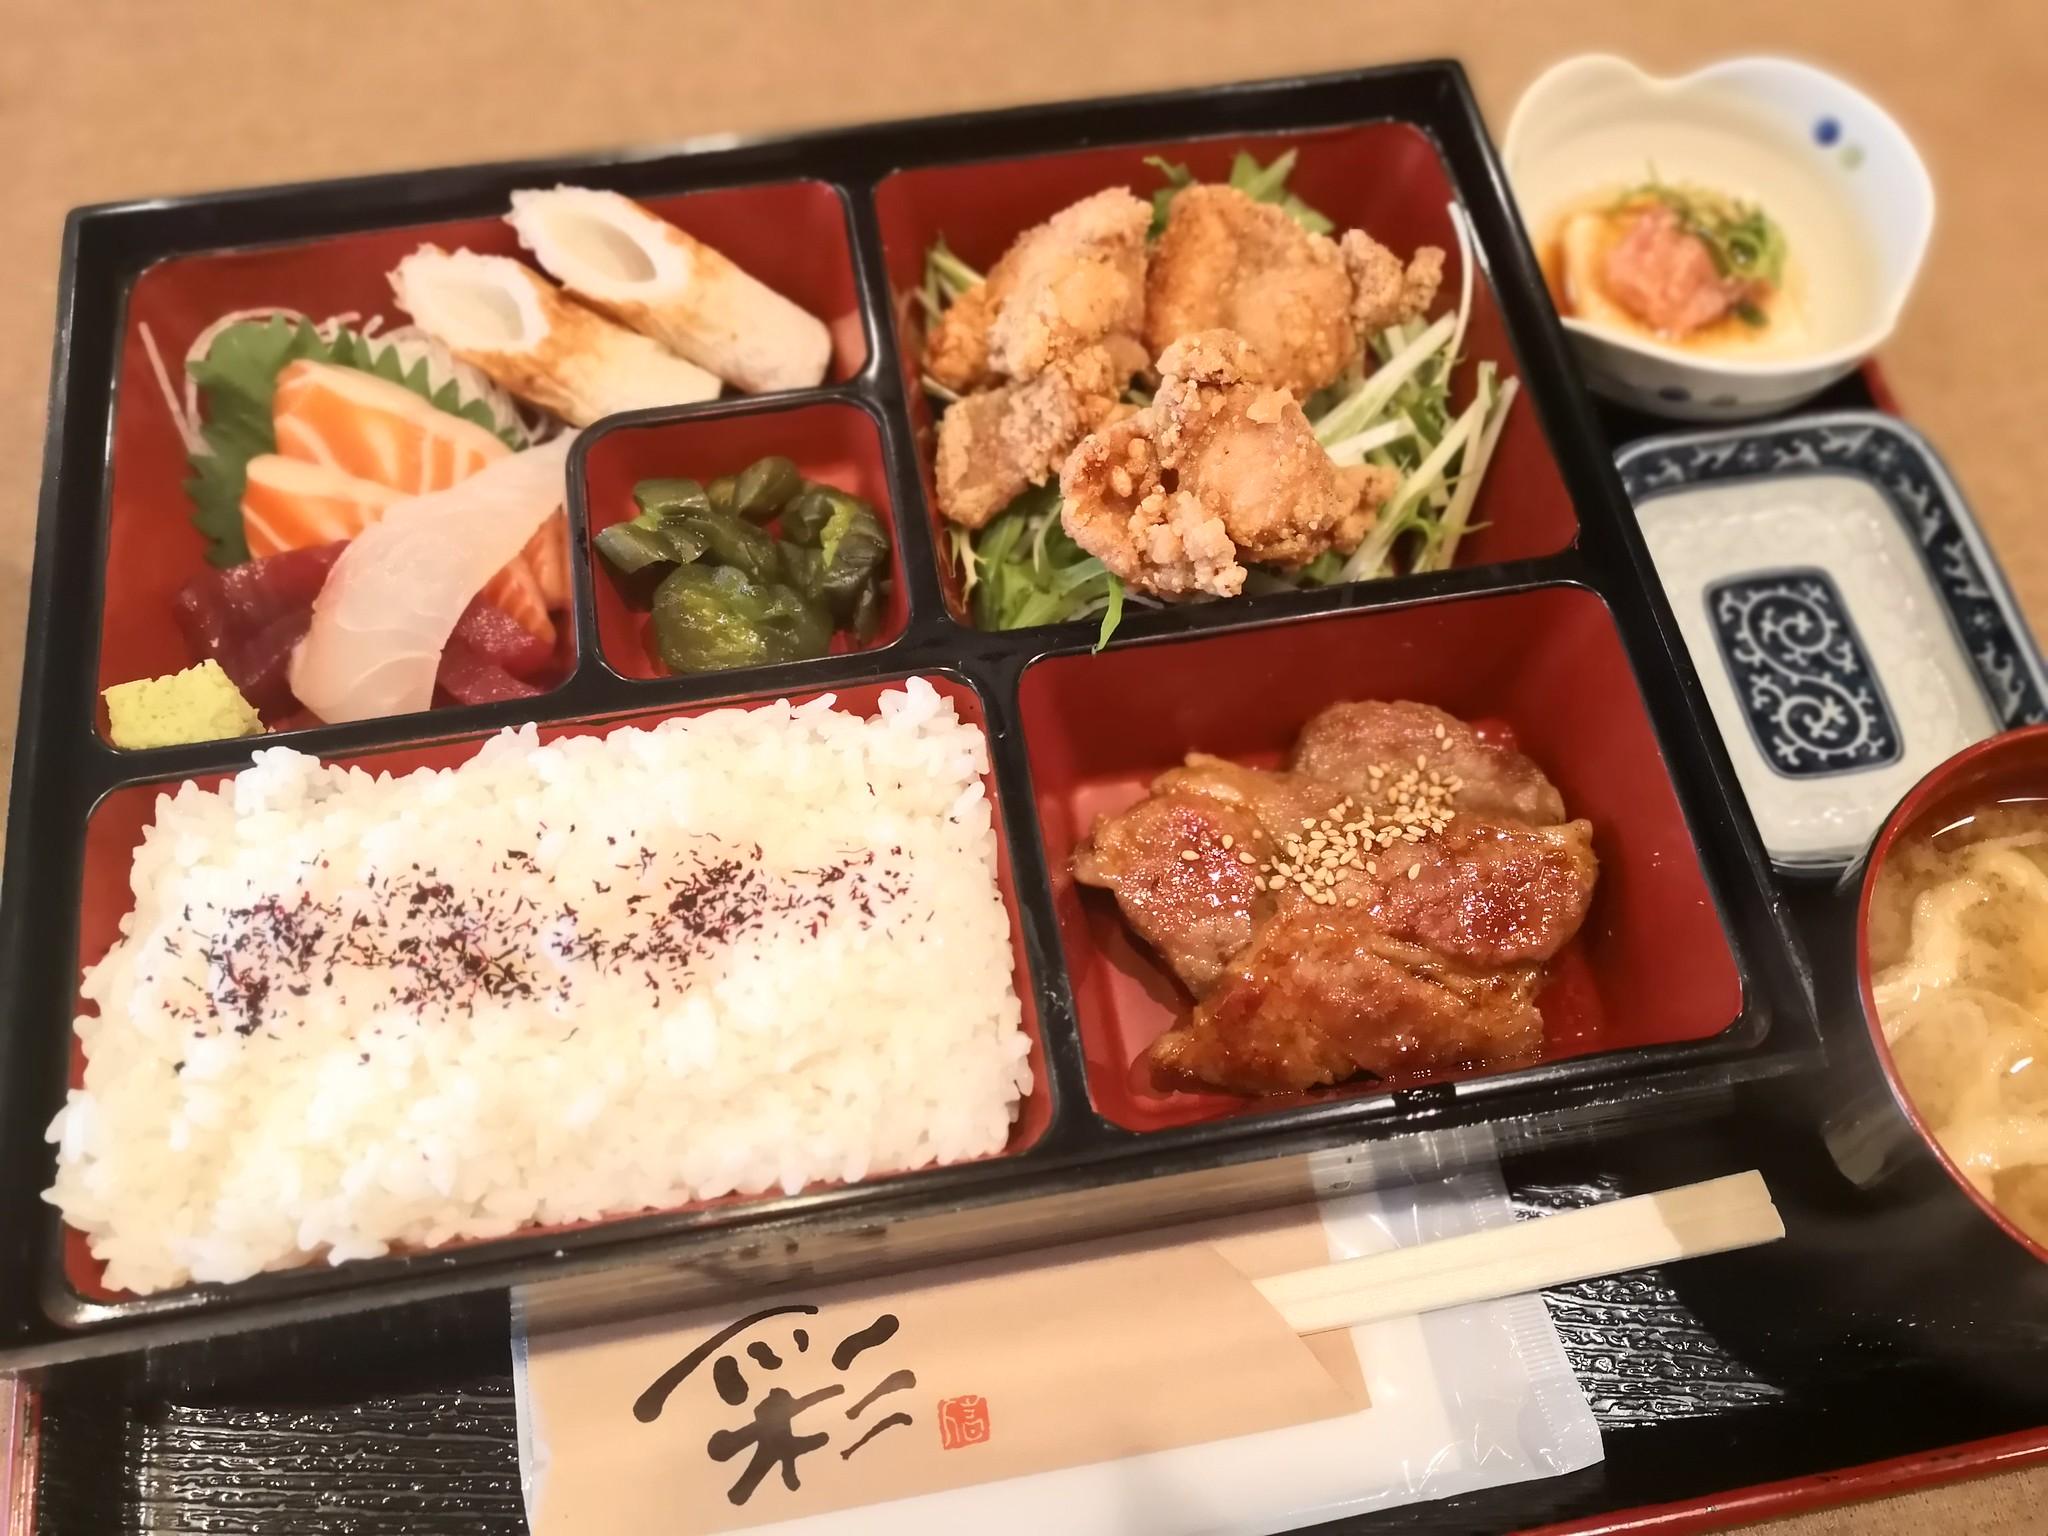 【不動前】杏呑家(あんどんや) @ボリュームも品数もたっぷりな松花堂ランチ。